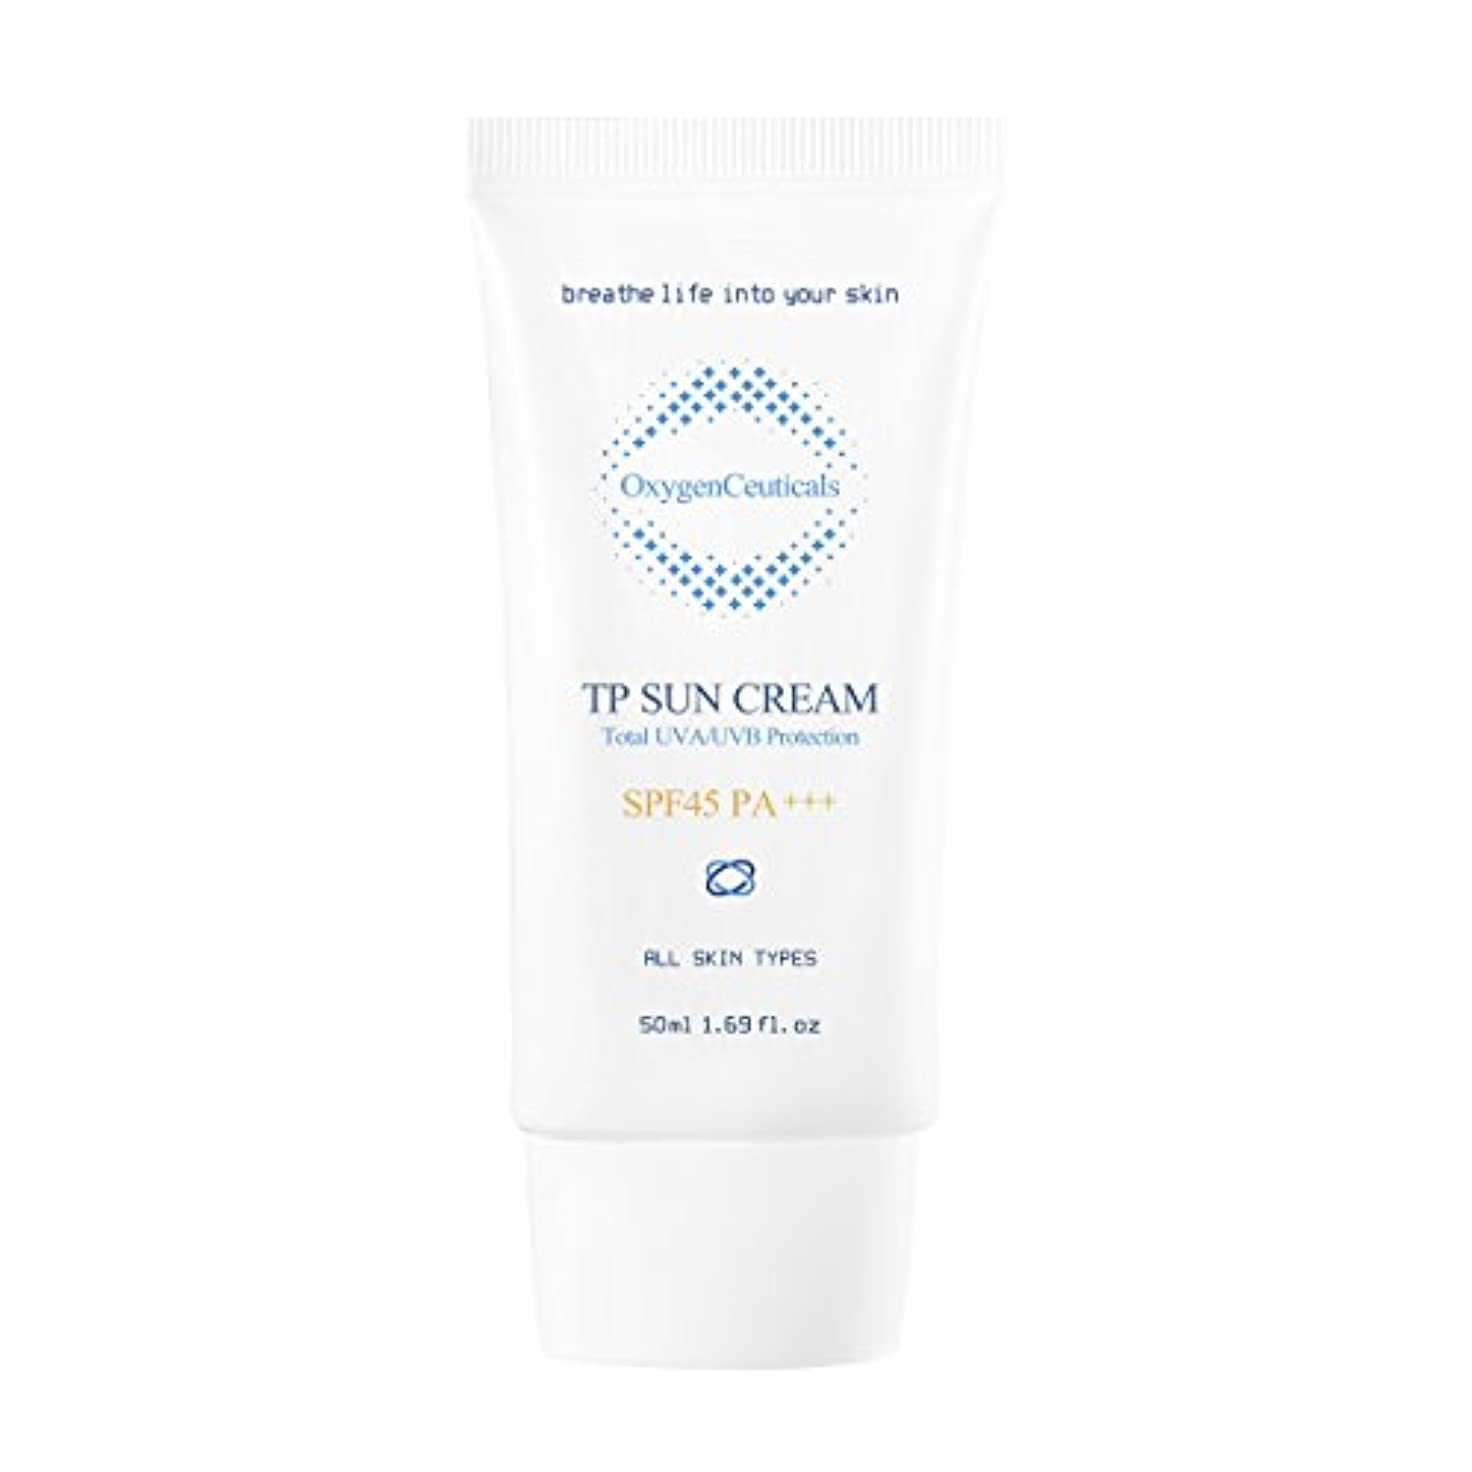 軽減注目すべきベルオキシジェンシューティカルズ 酸素サンクリーム(保湿日焼け止め) 50ml. TP Sun Cream 50ml. [SPF45 PA+++] X Mask Pack 1p.